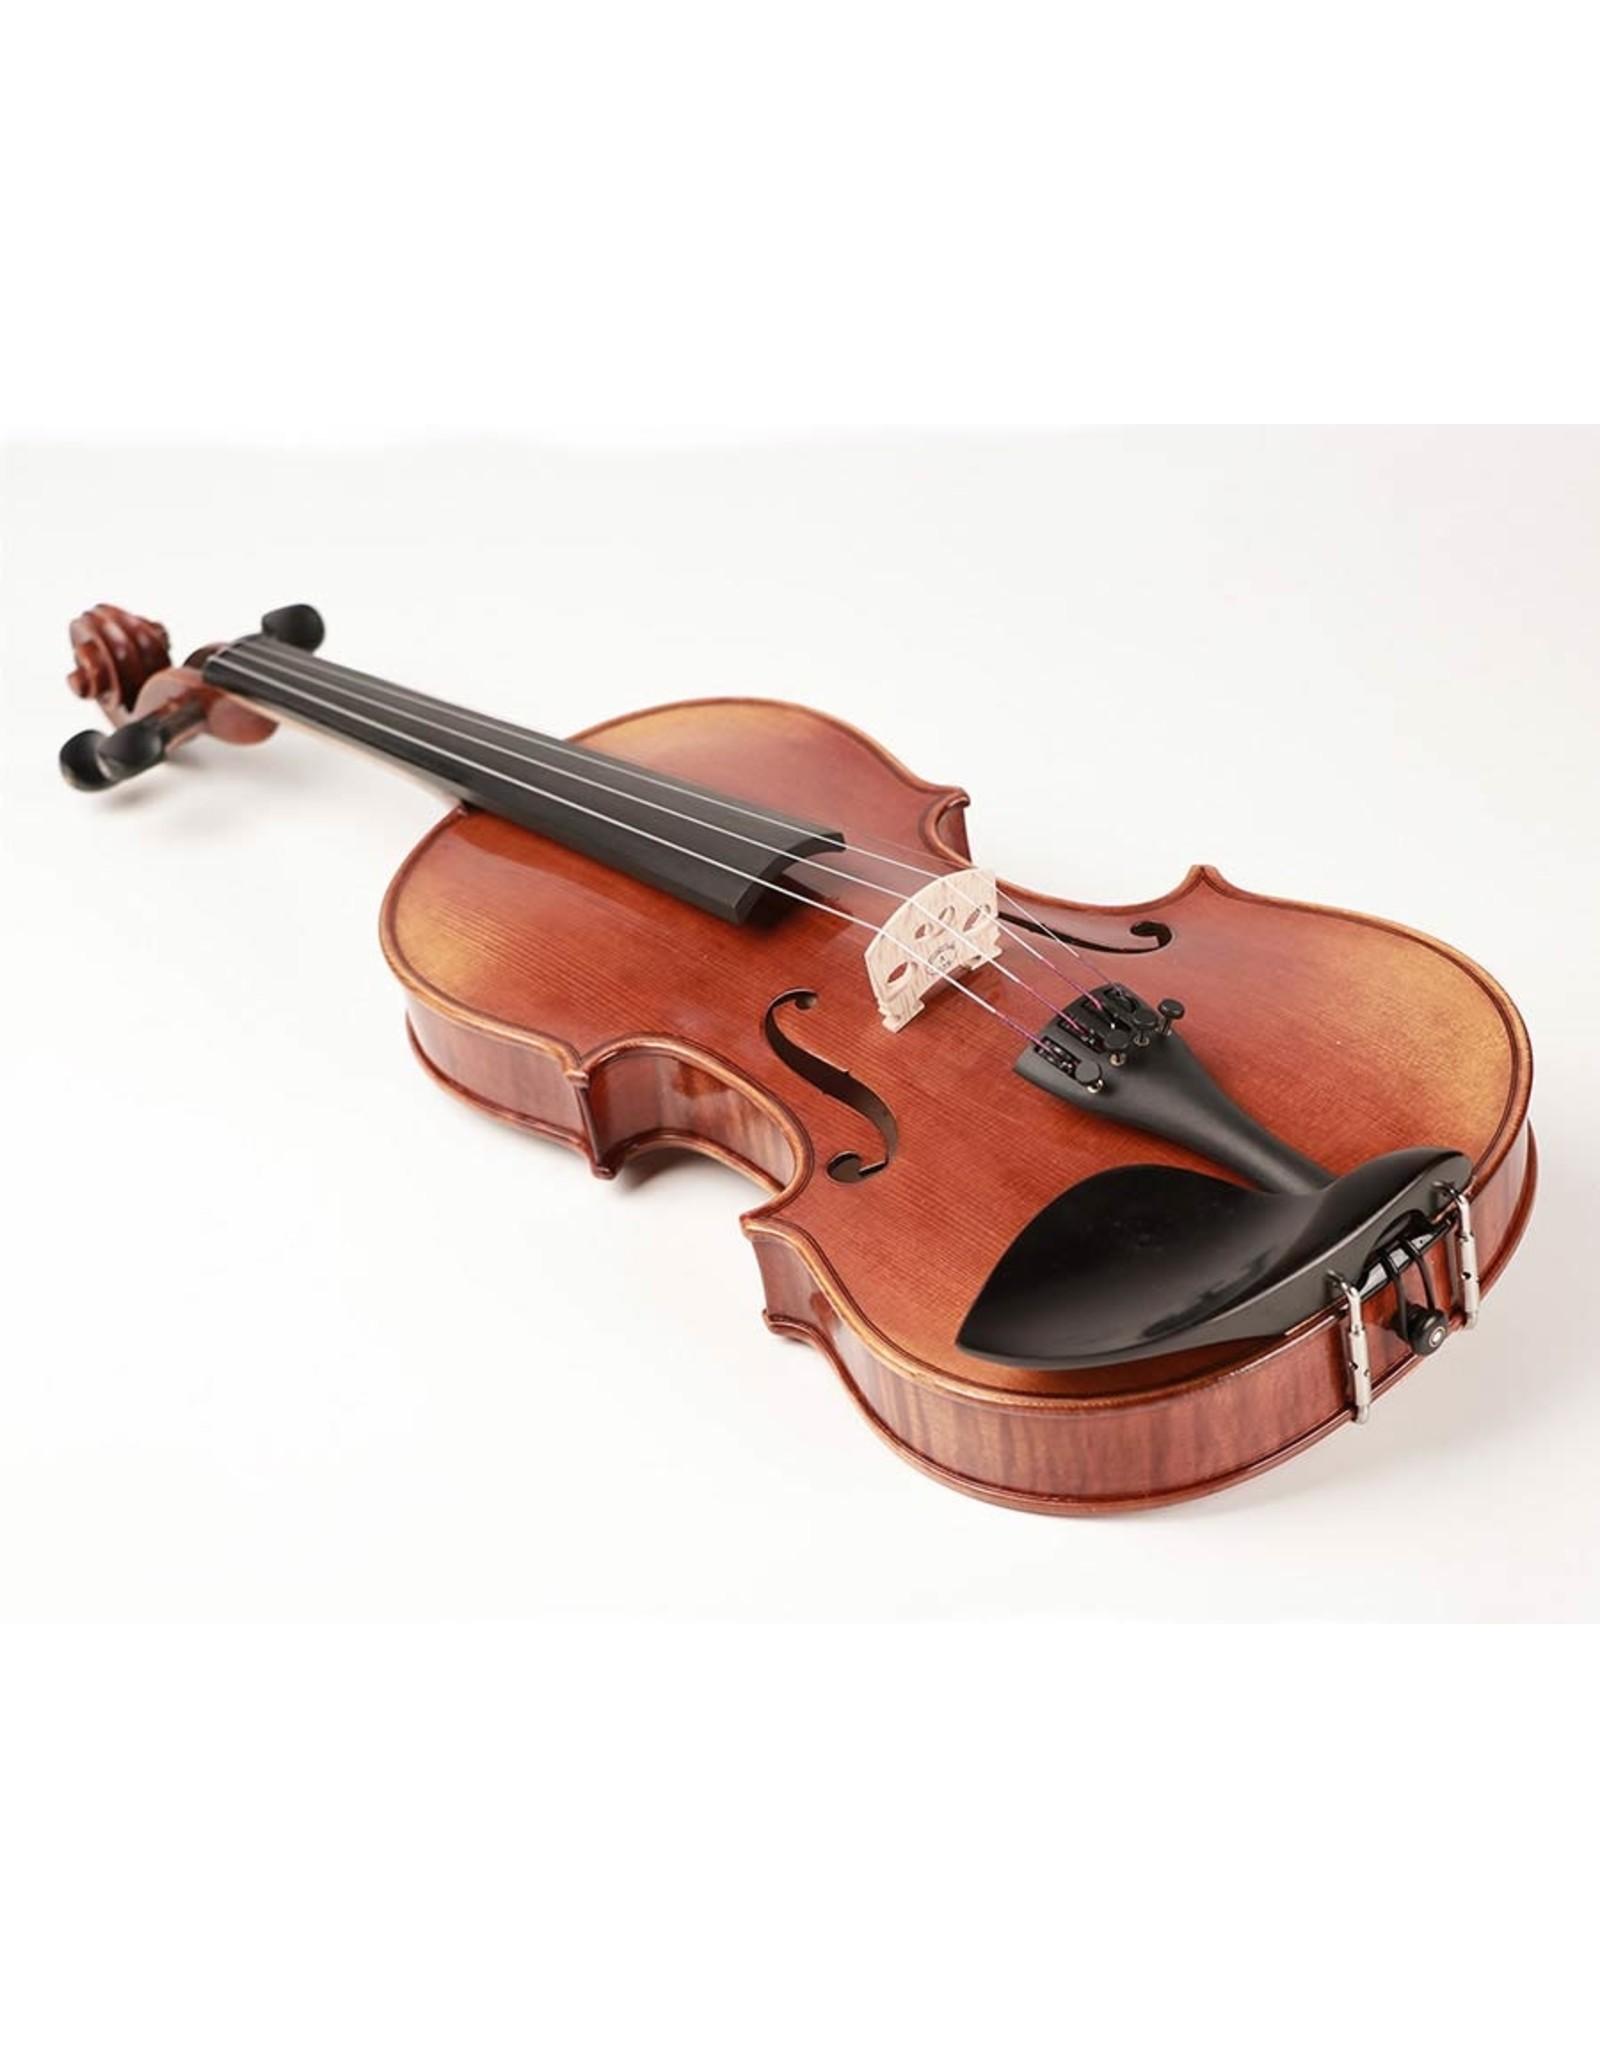 Rudolph 4/4 viool incl. strijkstok, koffer en hars